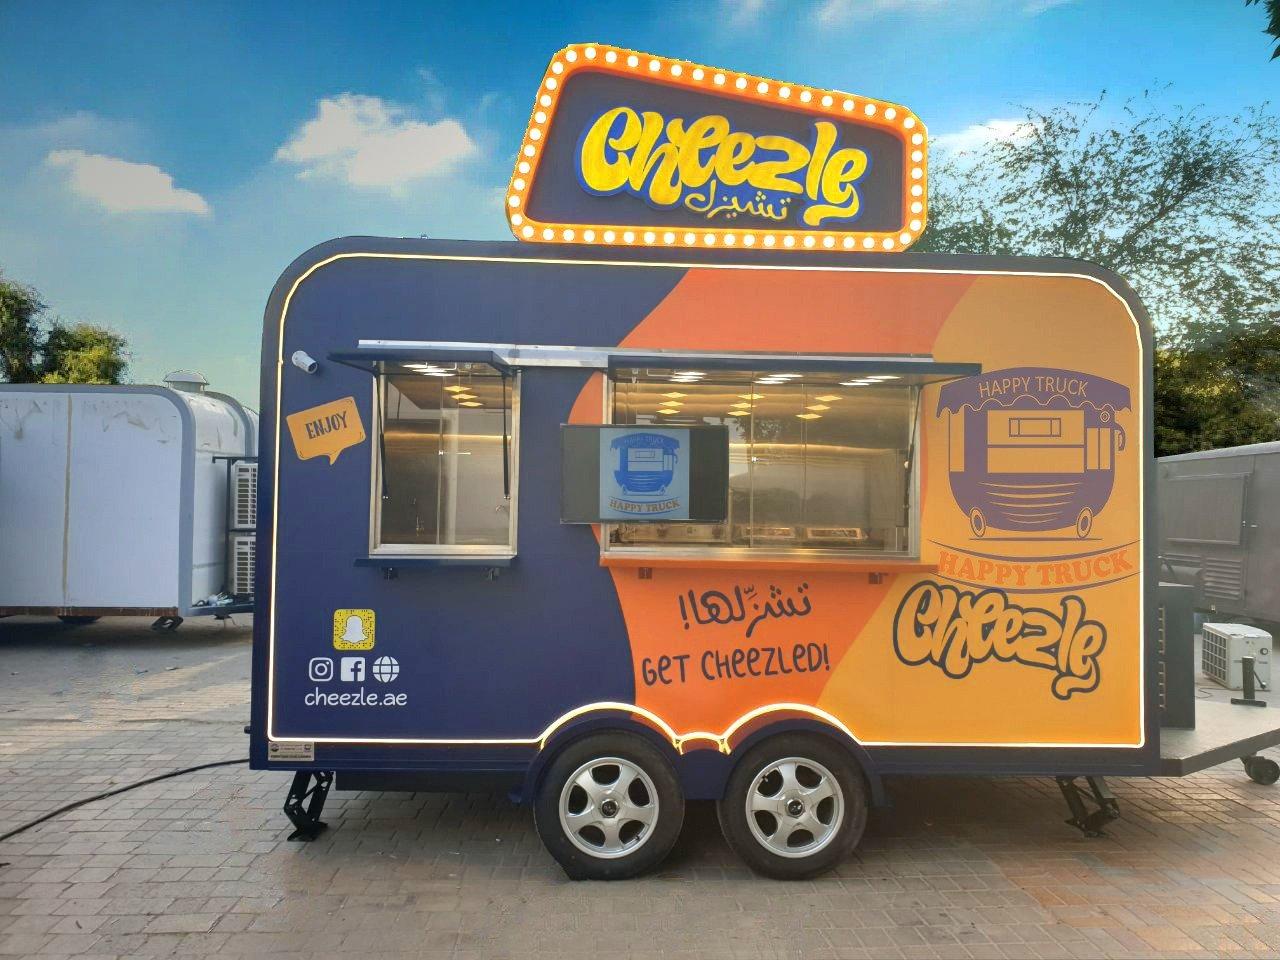 Food Truck اشكال عربات الطعام المتنقلة